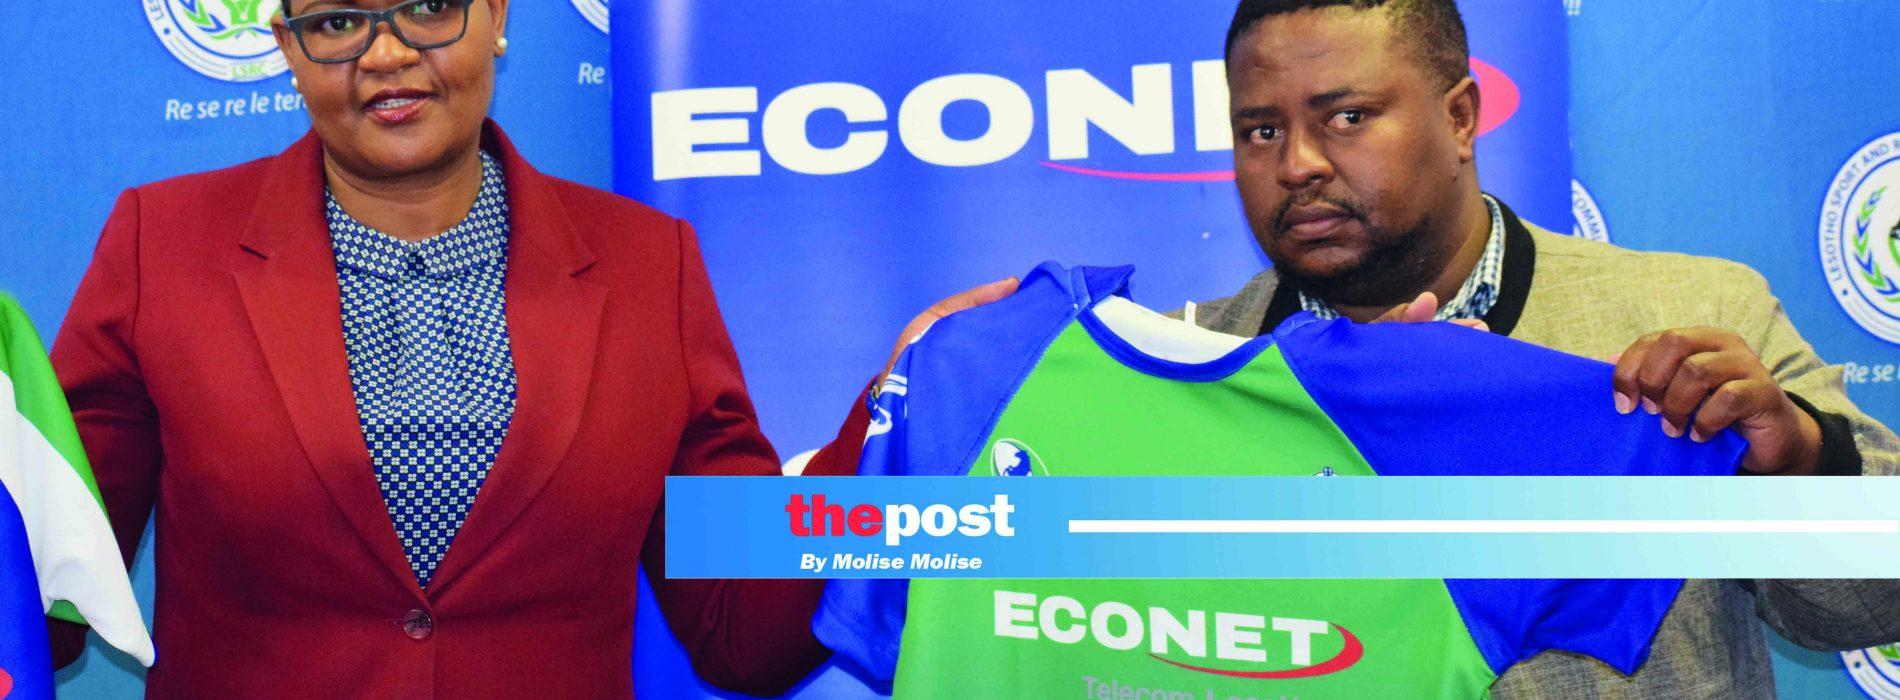 Econet dresses up FLR